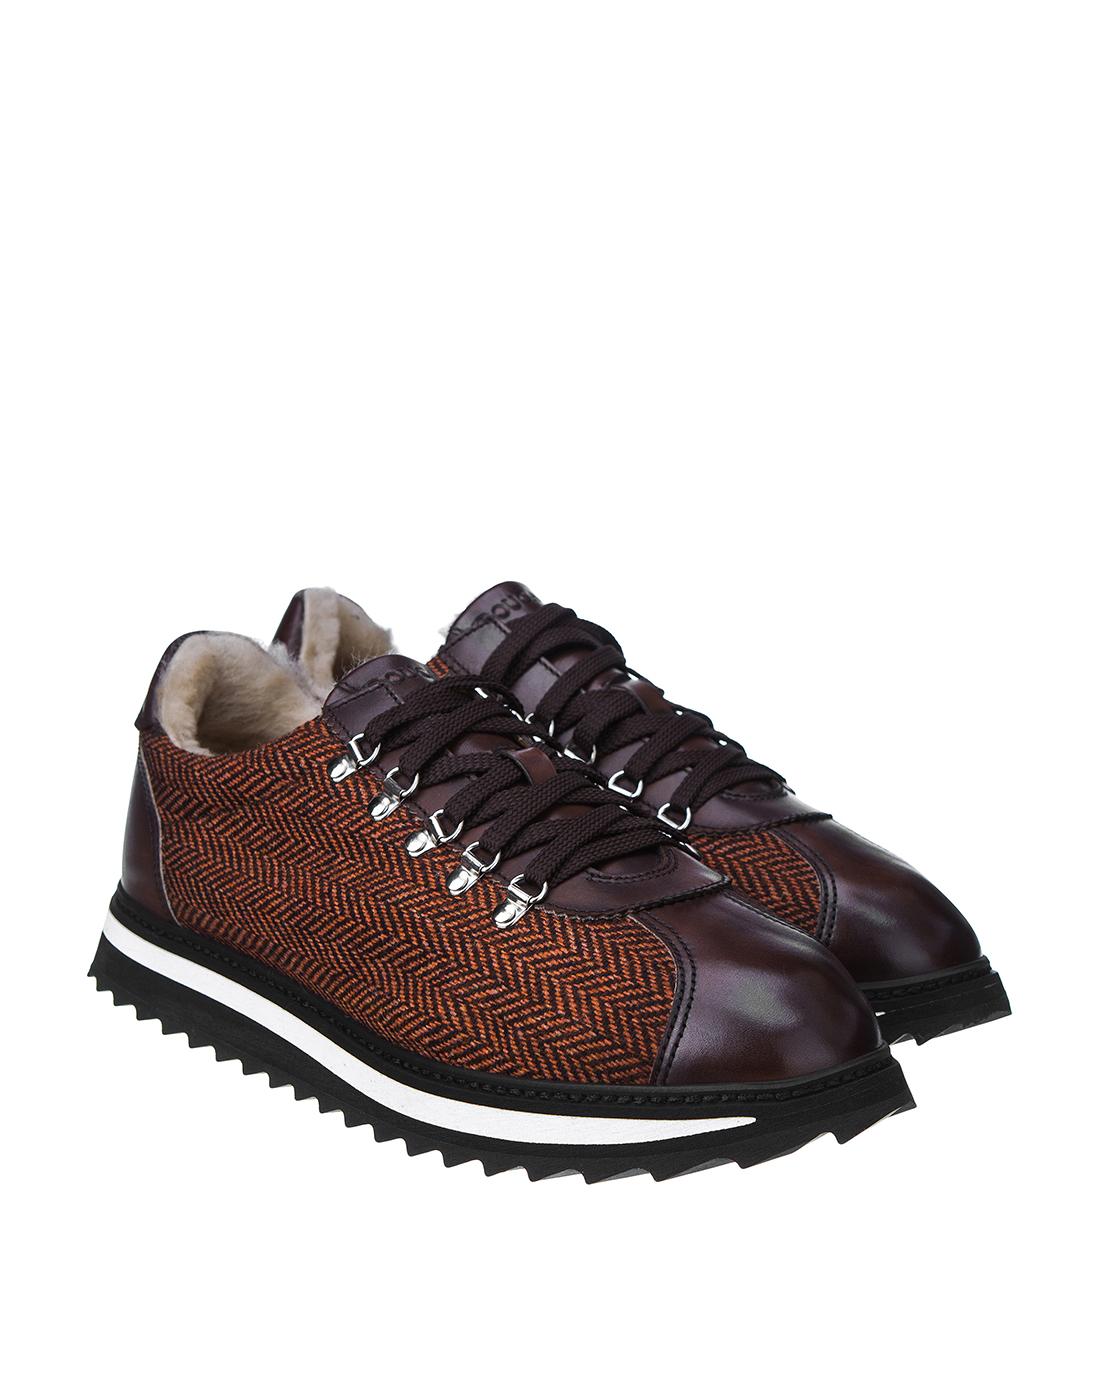 Кроссовки коричневые мужские Doucal's SU2156 03-2